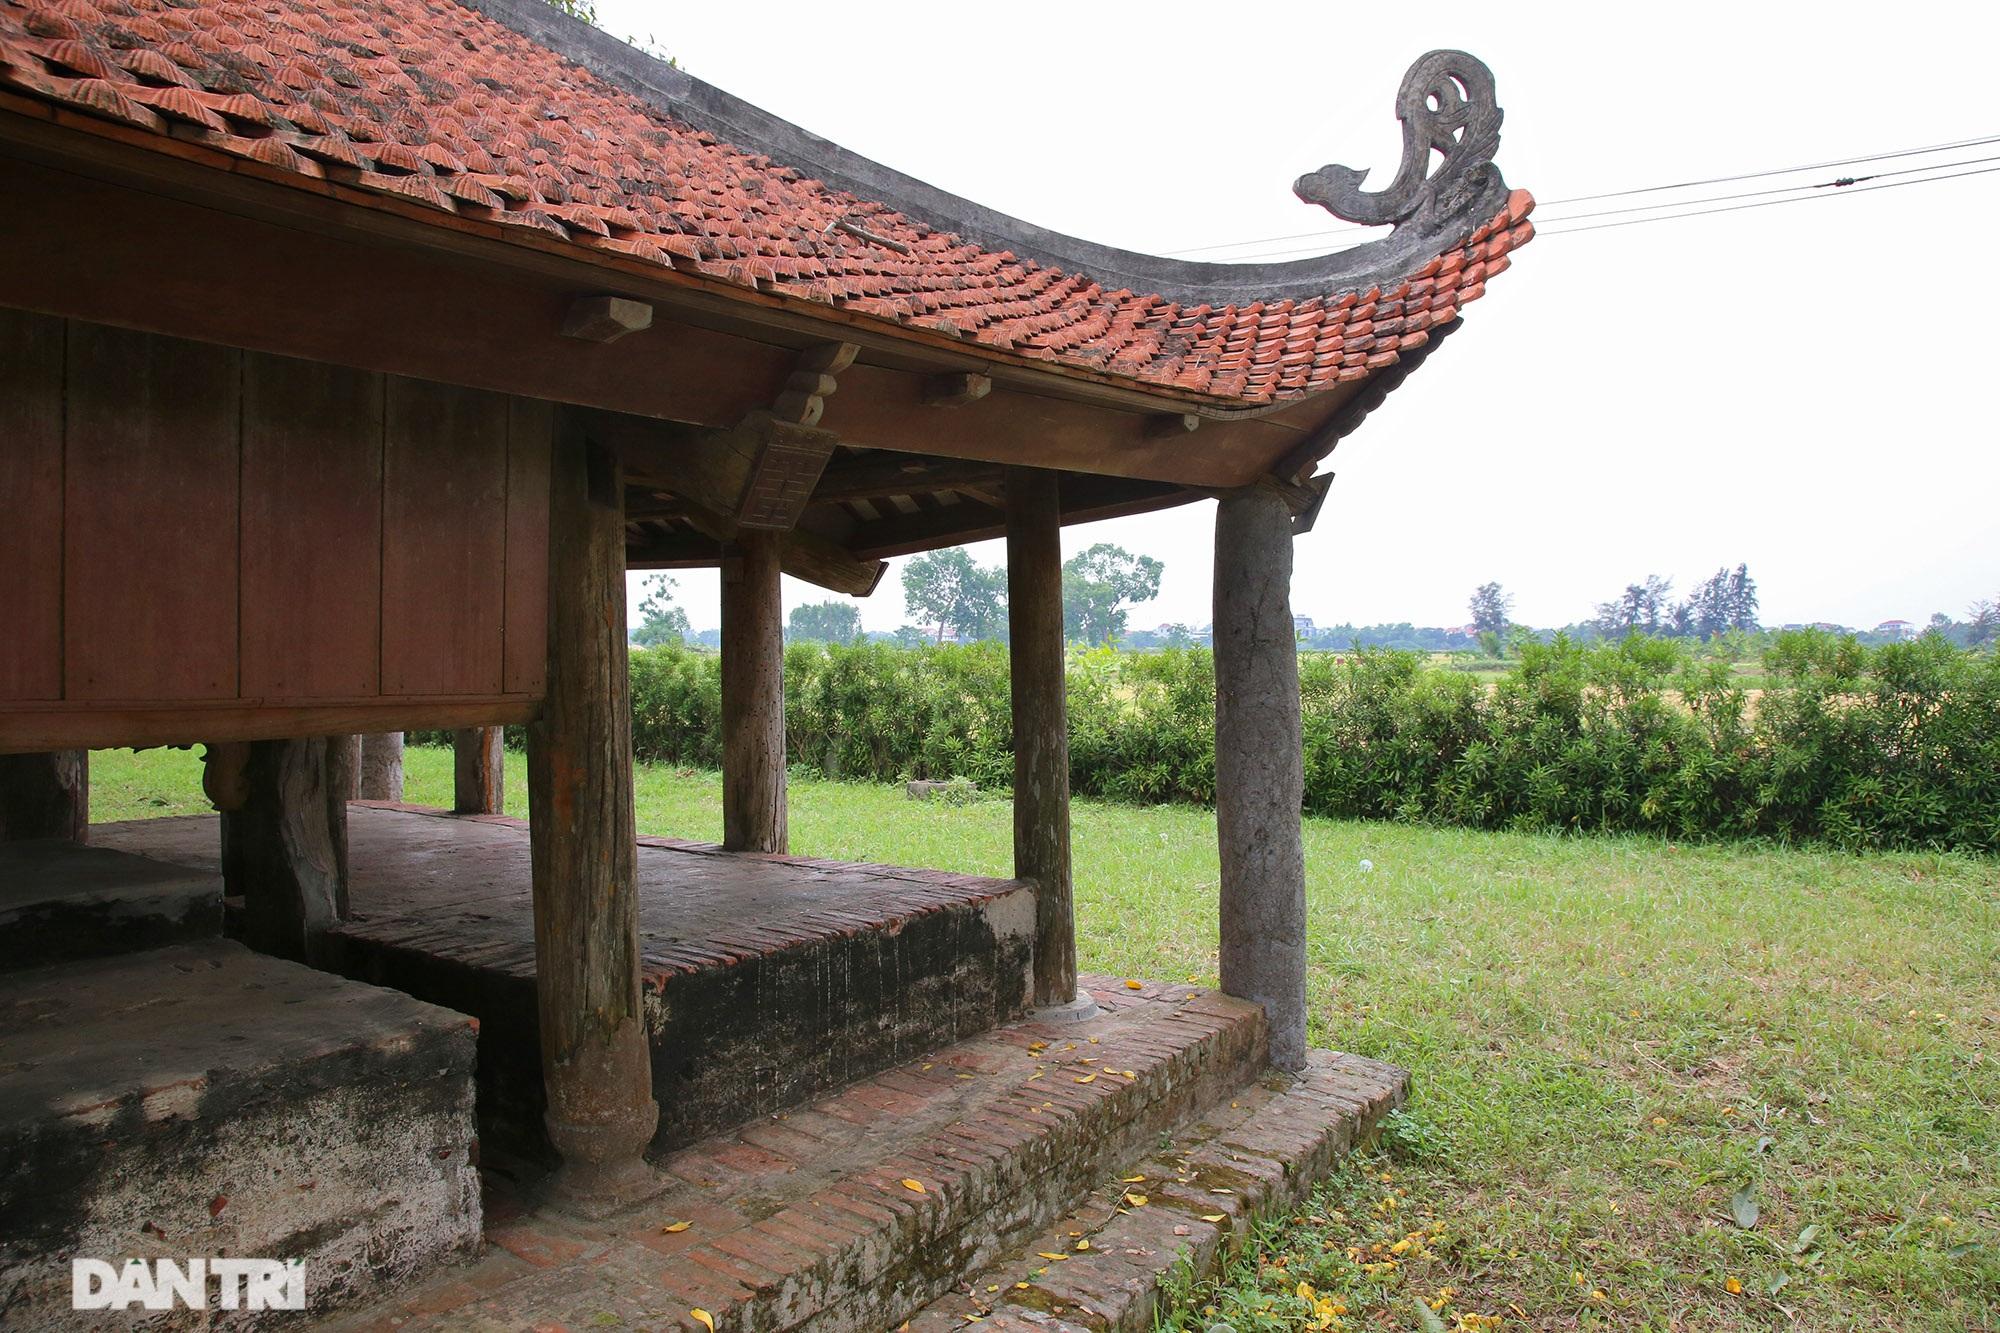 Huyền tích nghìn đời qua những ngôi quán cổ ở Hà Nội - 4